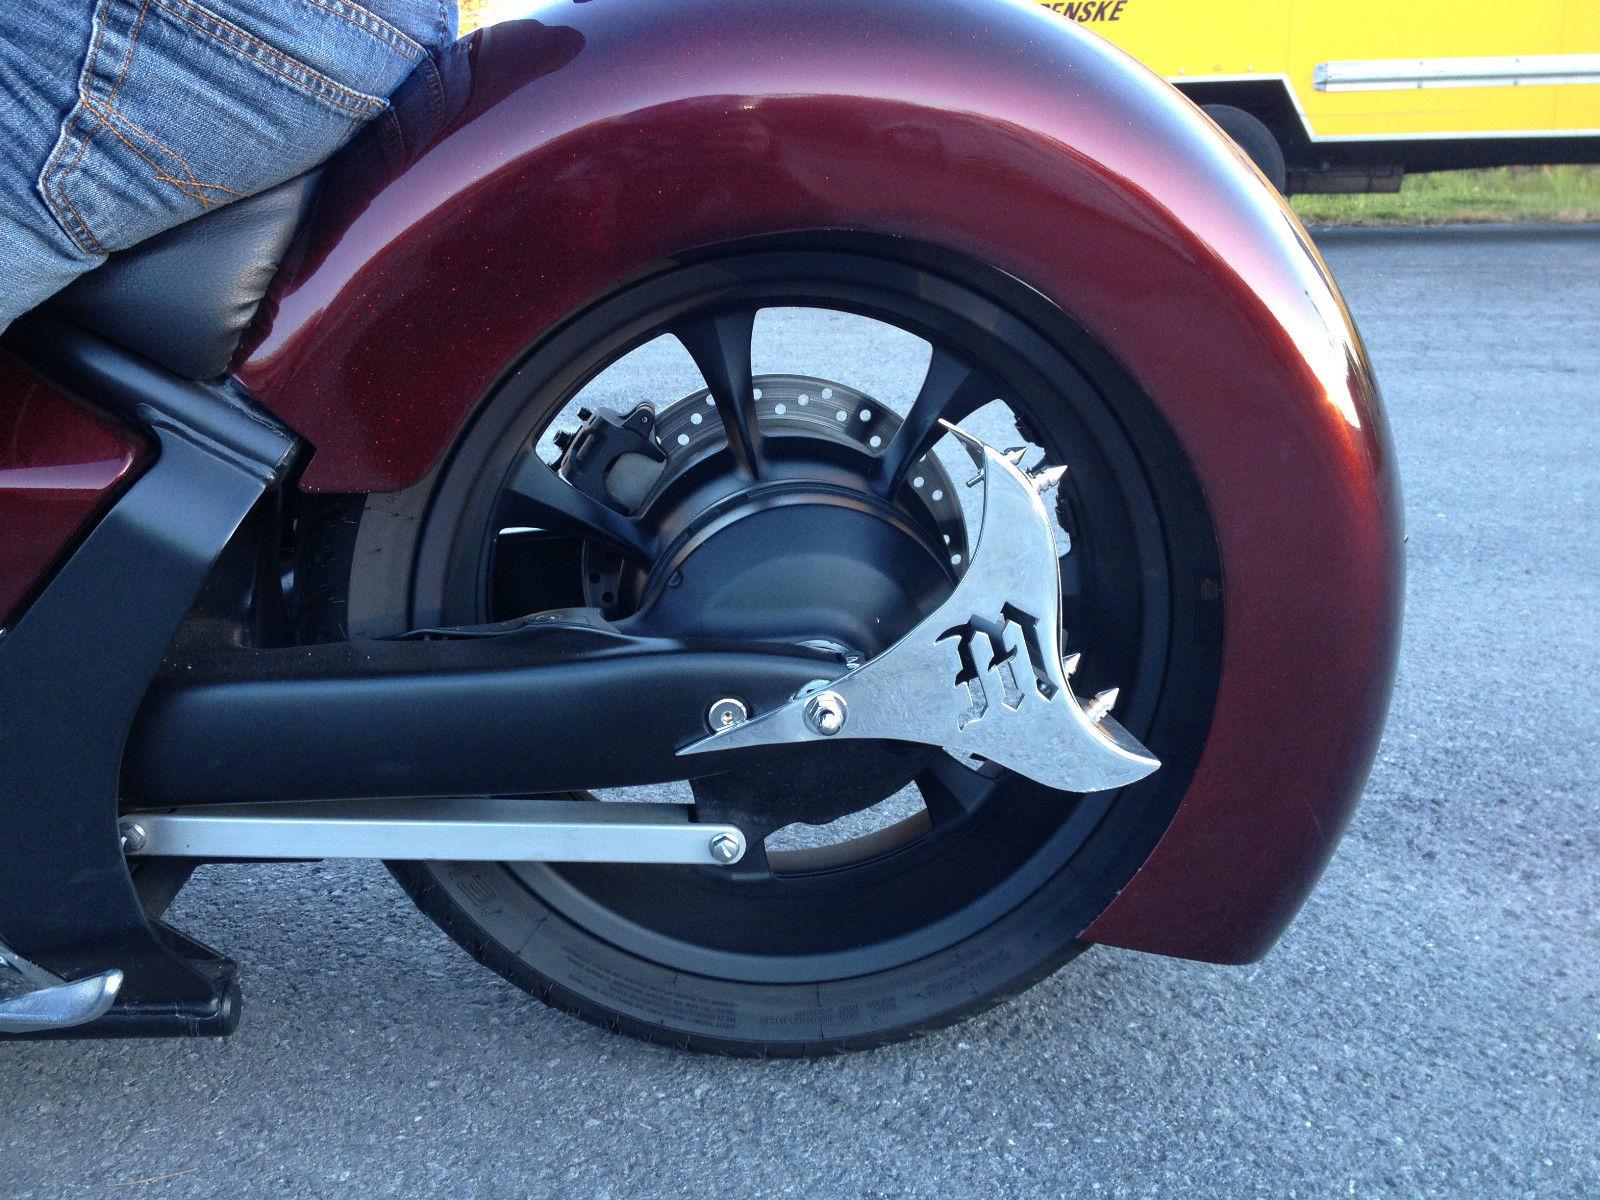 hight resolution of 2011 custom built motorcycles